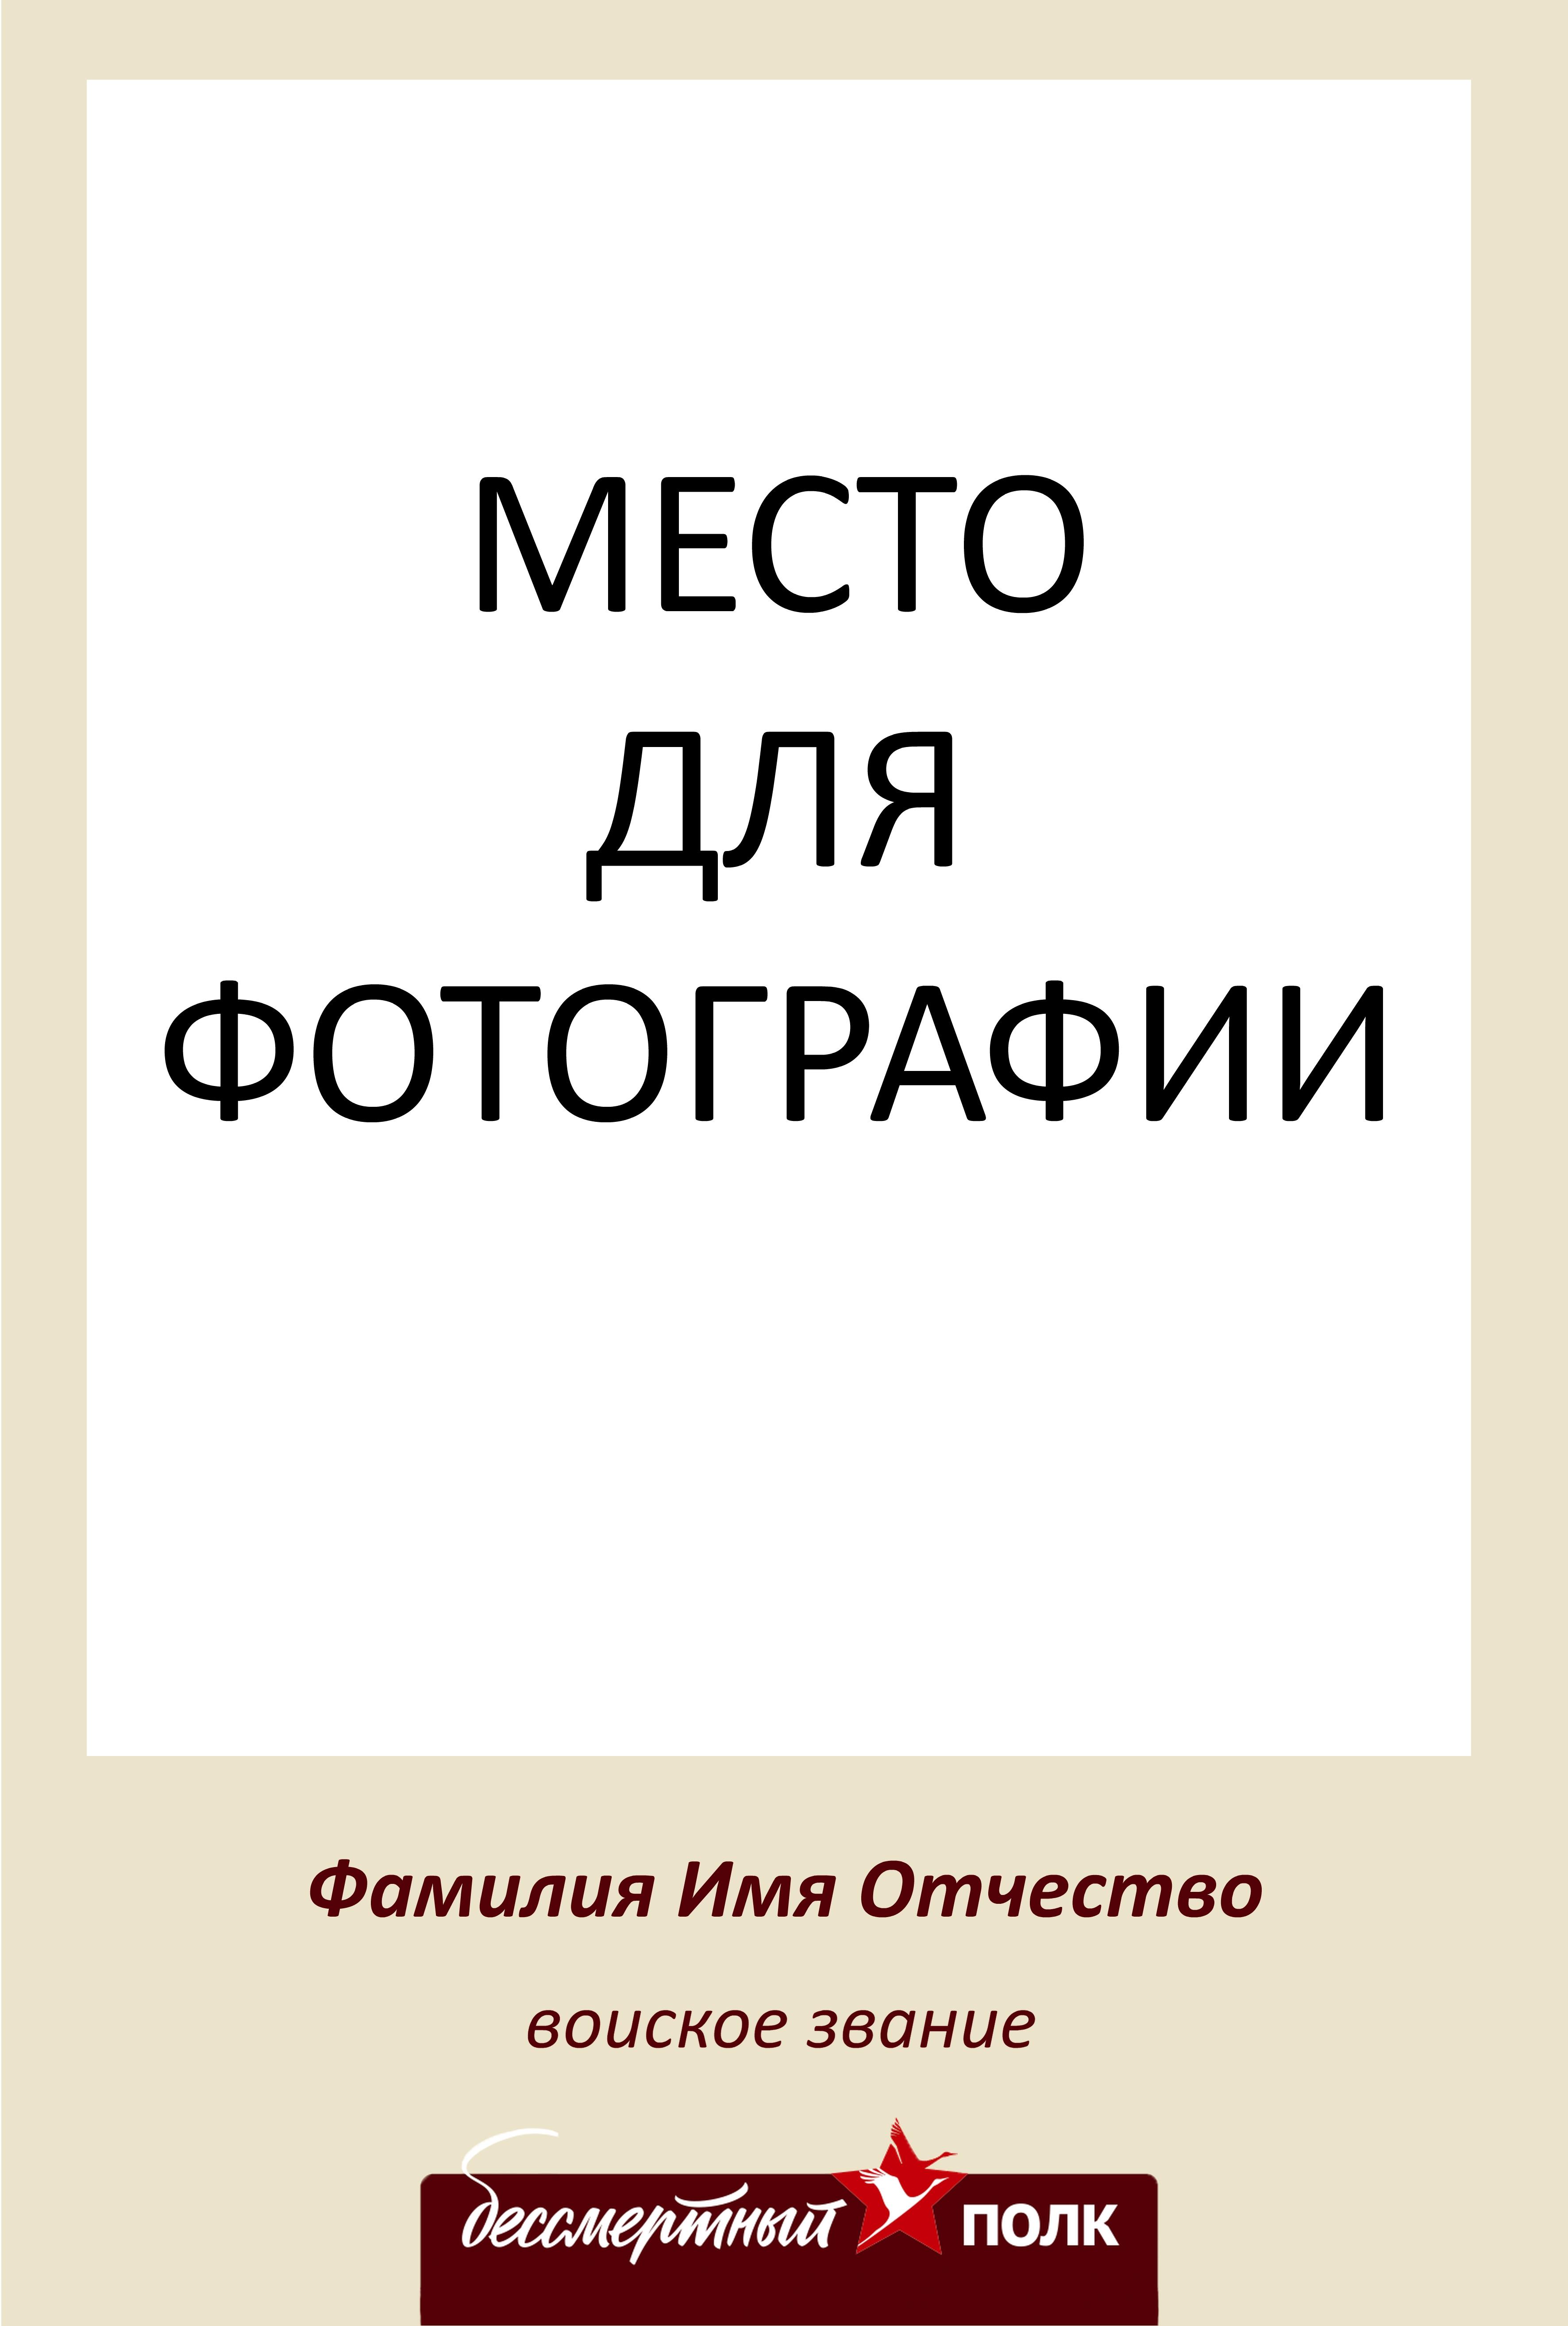 Профессиональный фотоцентр Светопись Бессмертный полк